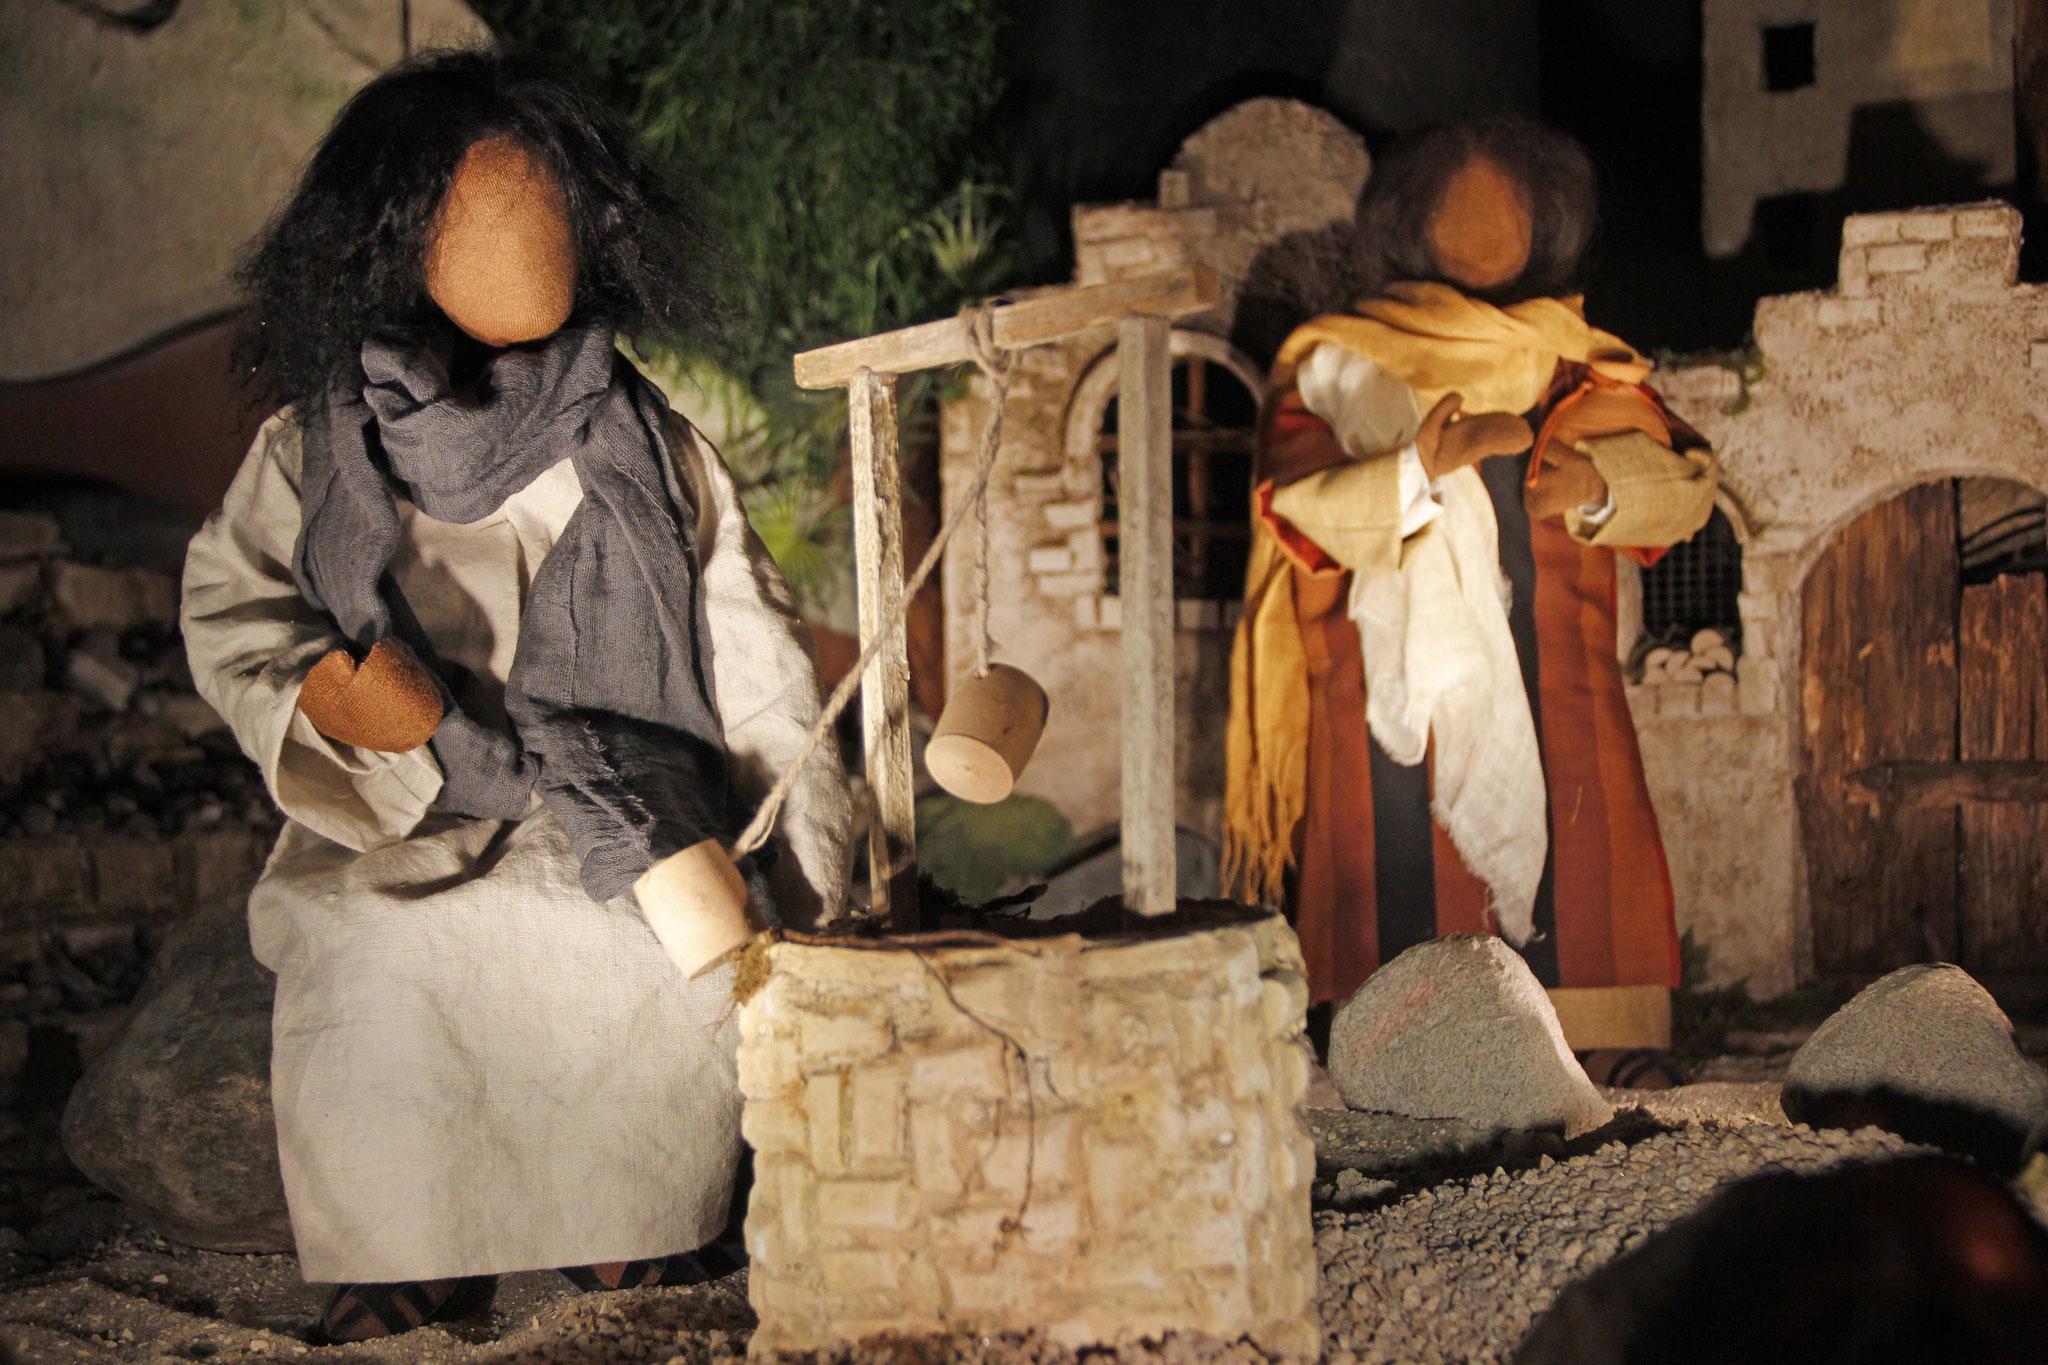 Jesus war müde von der Wanderung und setzte sich an den Brunnen. Da kam eine samaritanische Frau, um Wasser zu holen.